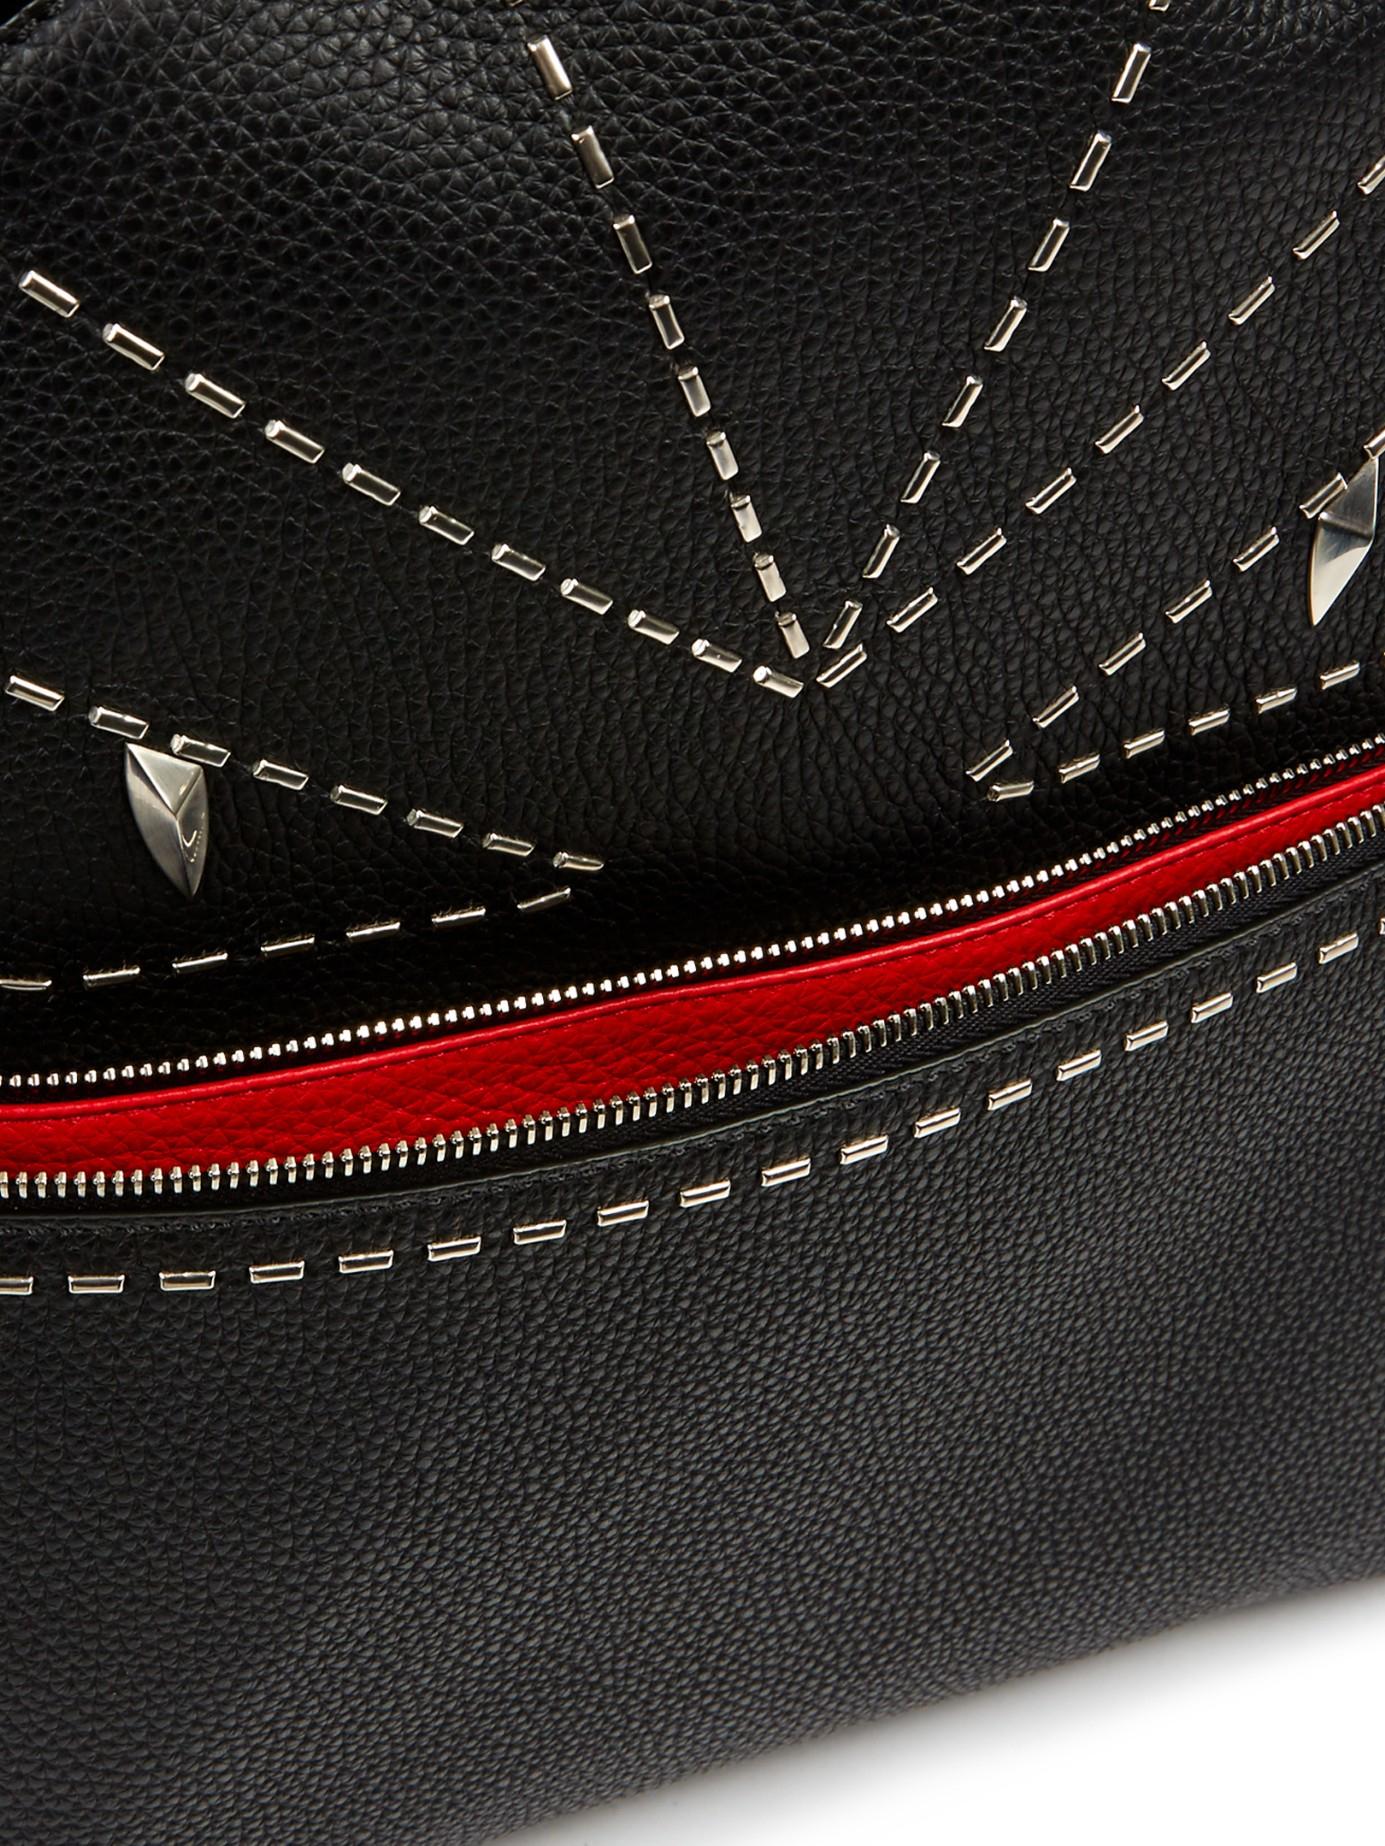 Lyst - Fendi Bag Bugs Selleria Roman Leather Backpack in Black for Men 23c912250e3d2